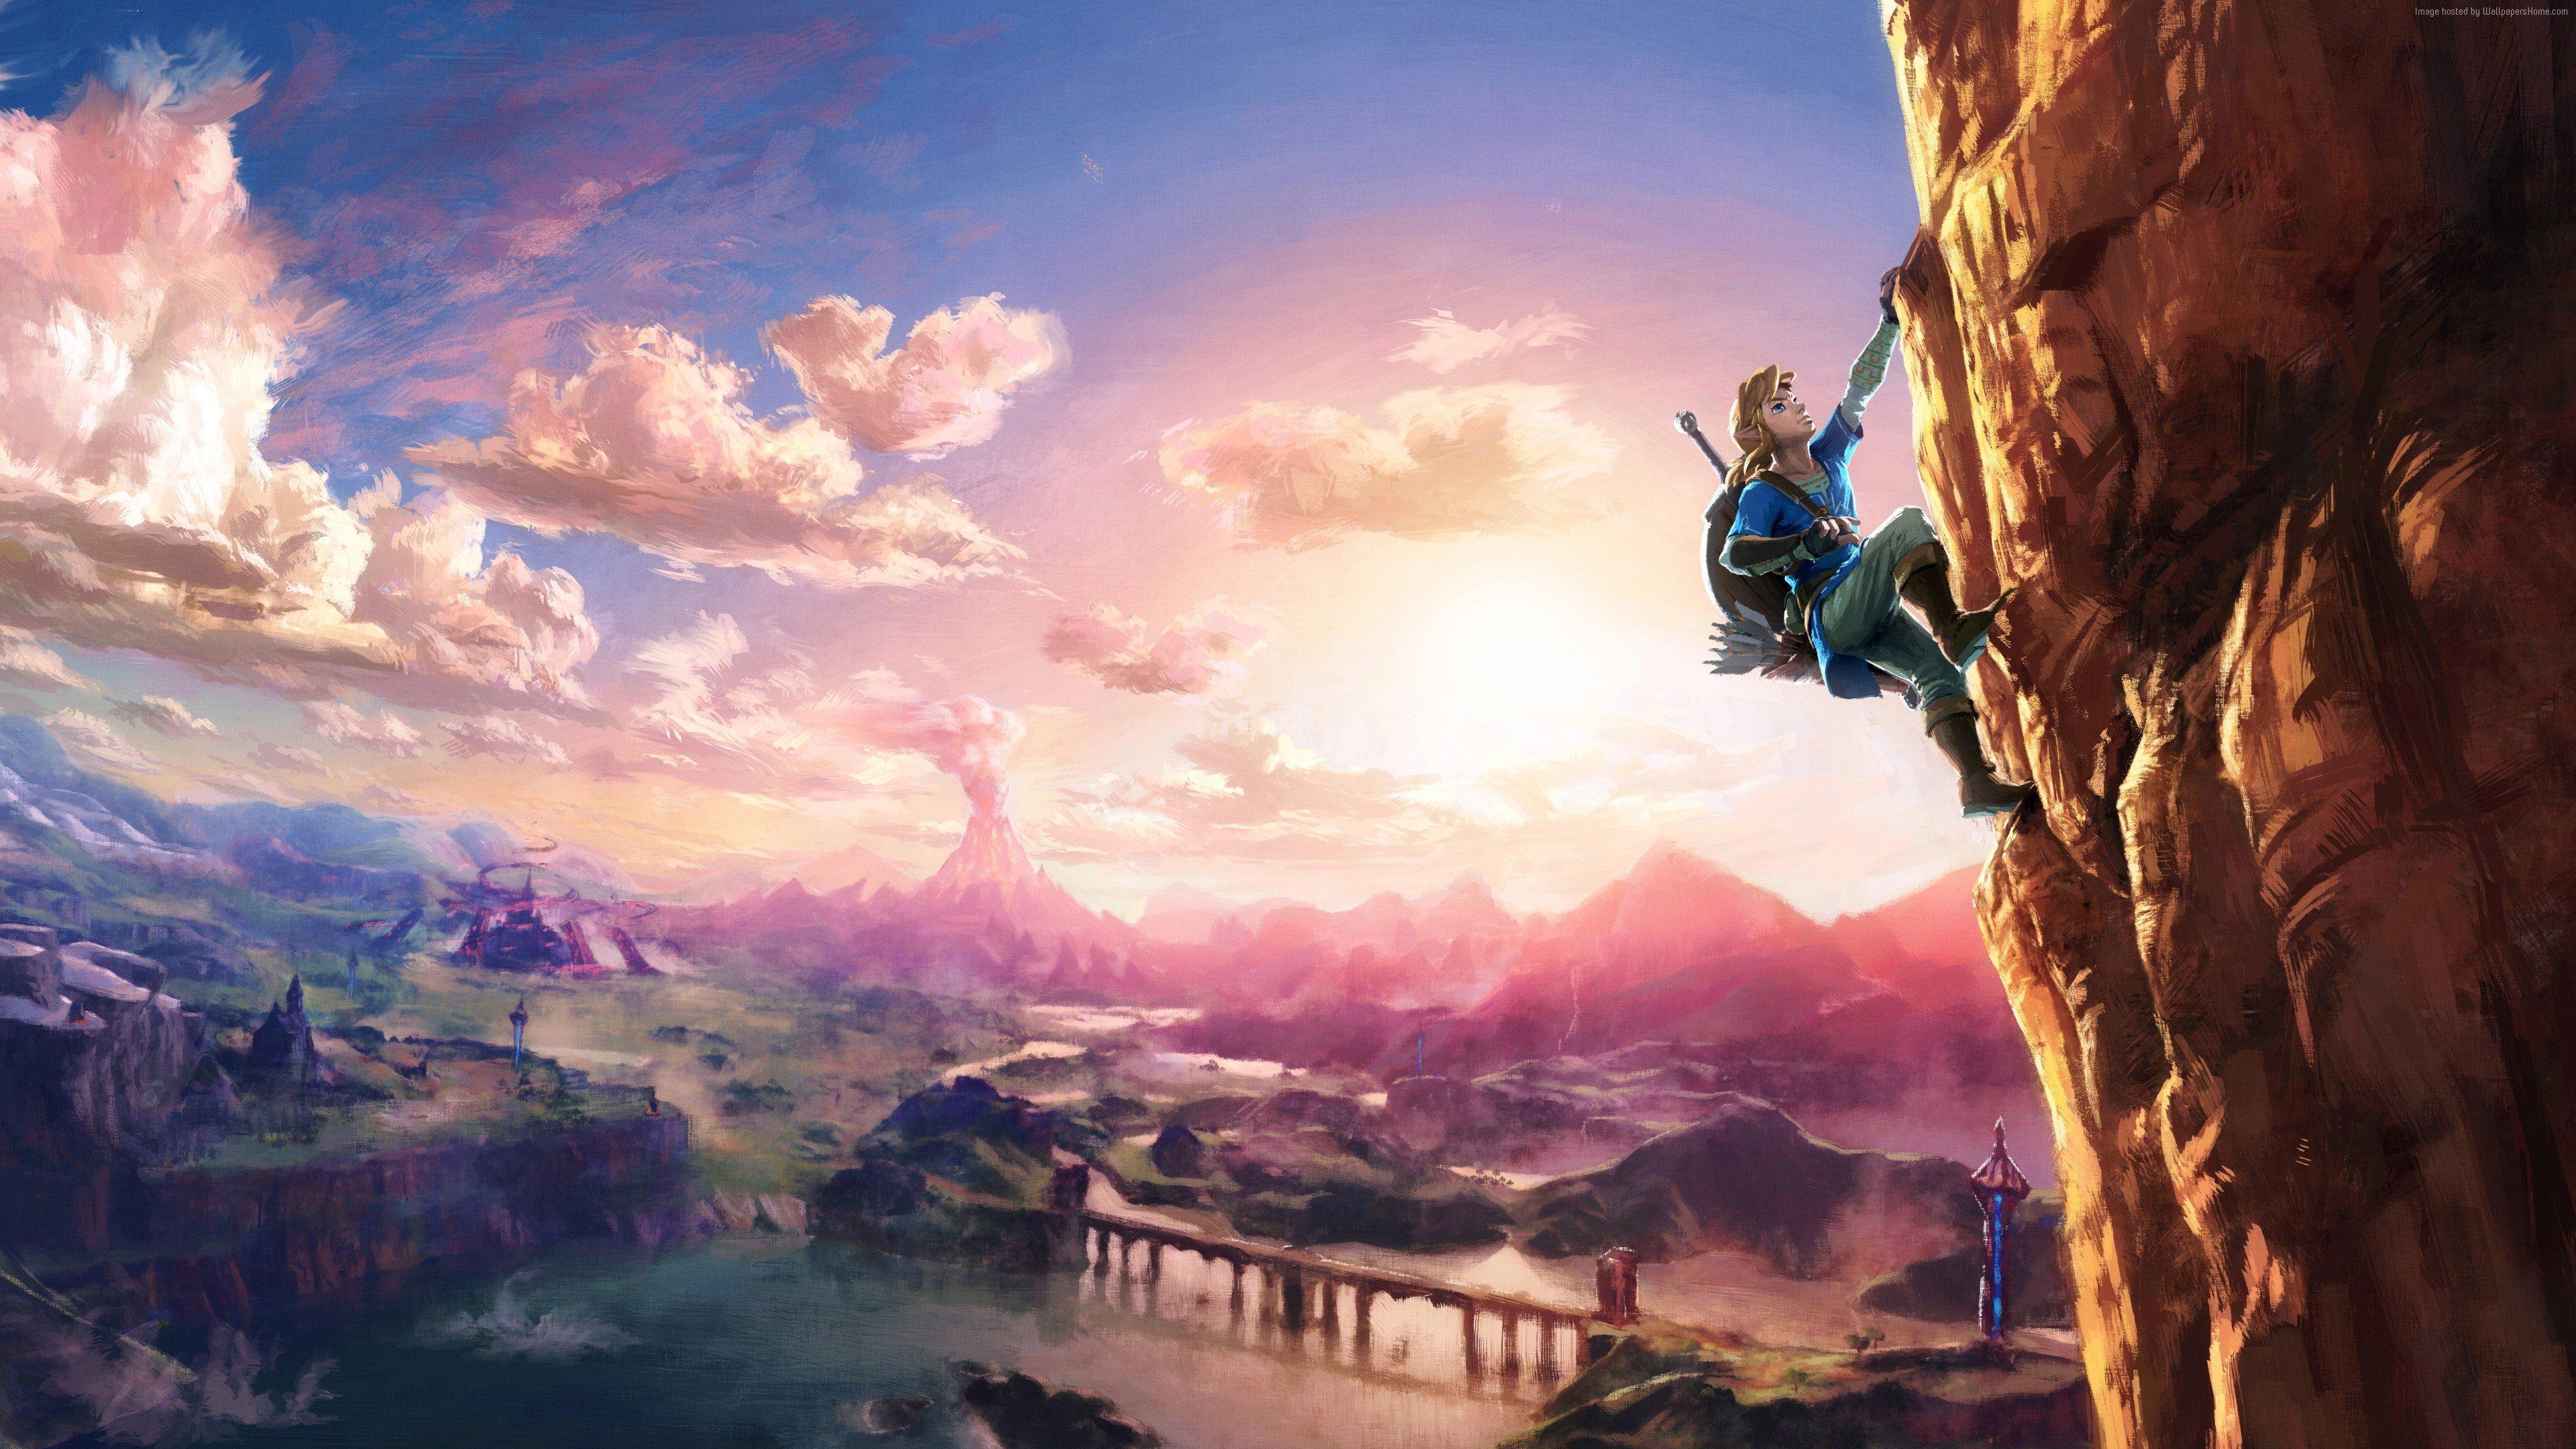 The Legend Of Zelda Breath Of The Wild Wallpaper 4k Ultra Hd Id 4066